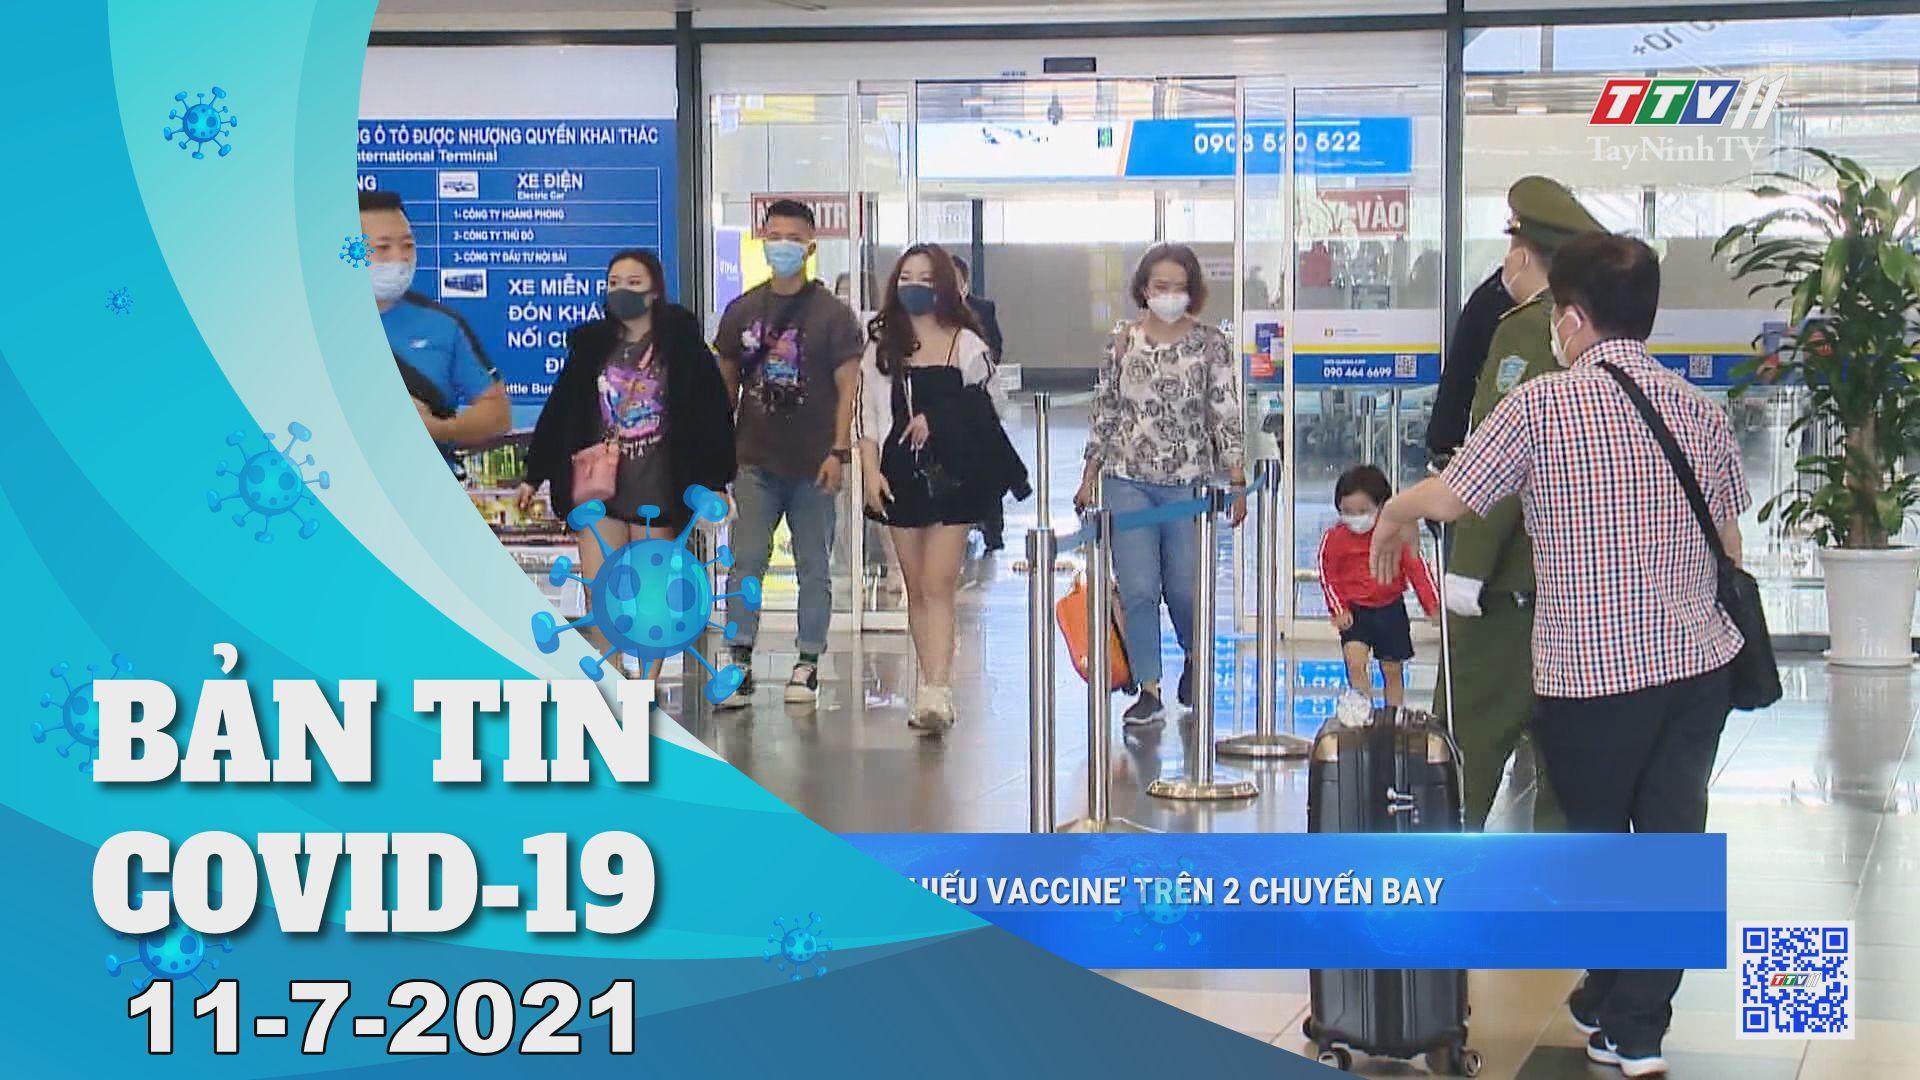 Bản tin Covid-19   Tin tức hôm nay 11-7-2021   TâyNinhTV